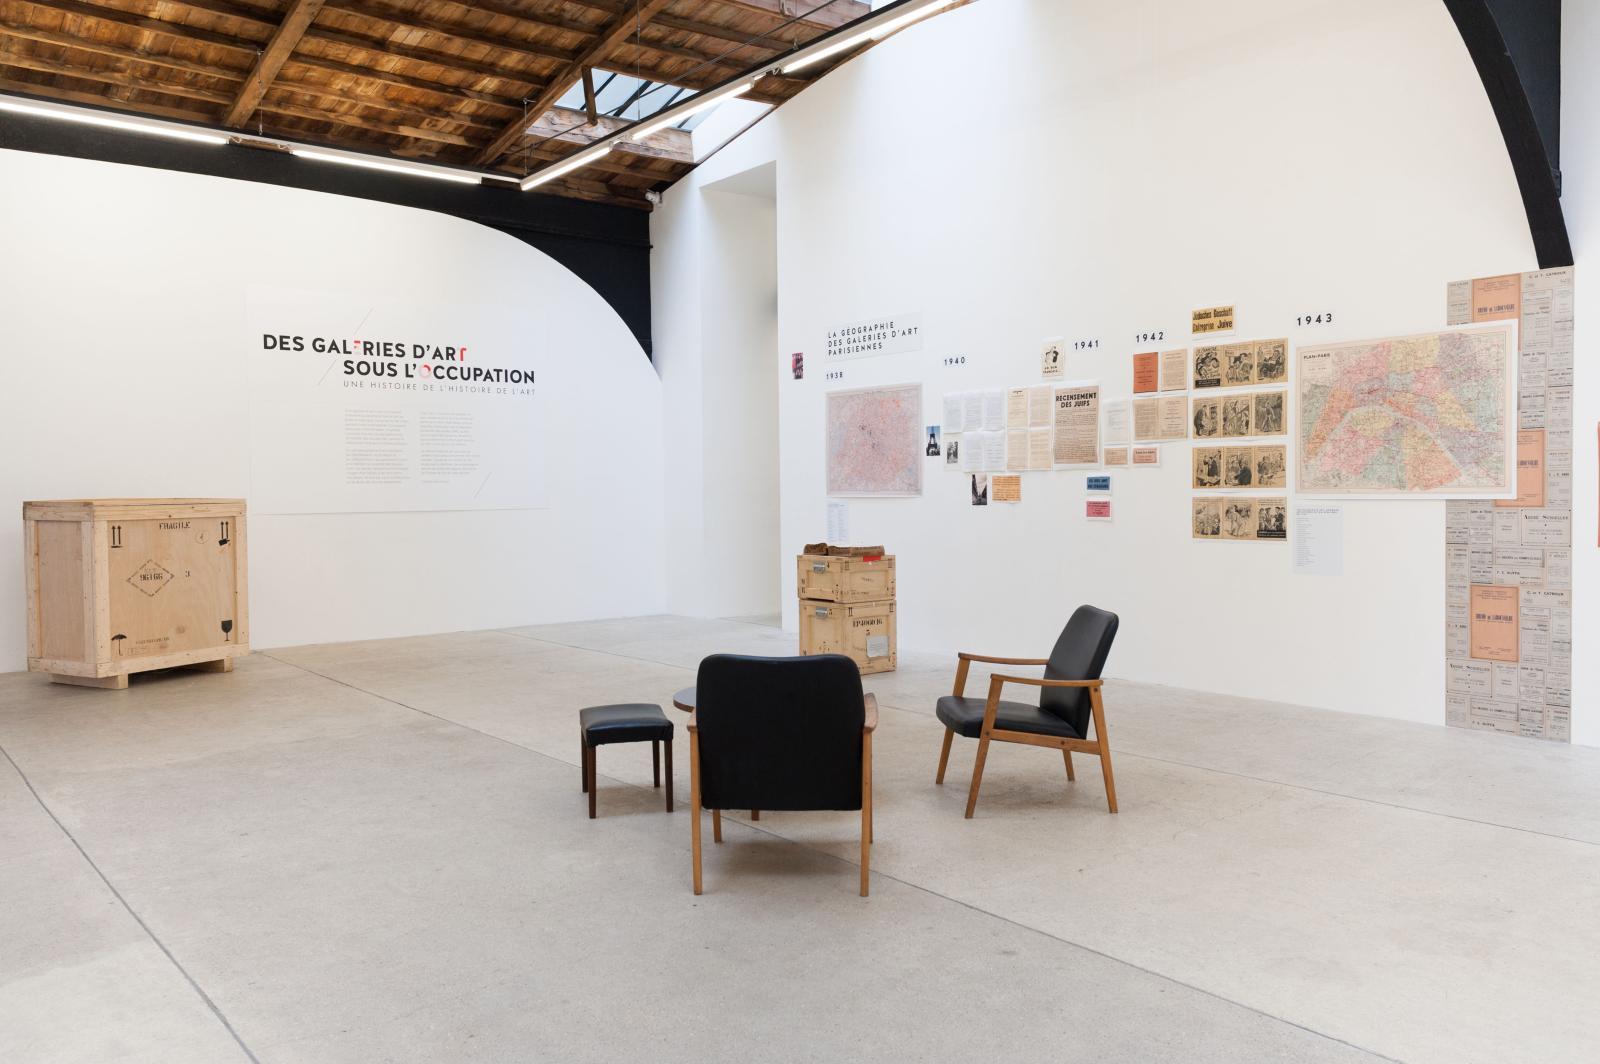 Vue de l'exposition «Des galeries d'art sous l'Occupation. Une histoire de l'histoire de l'art», galerie Frank Elbaz, Paris. ©Photo Raphael Fanelli